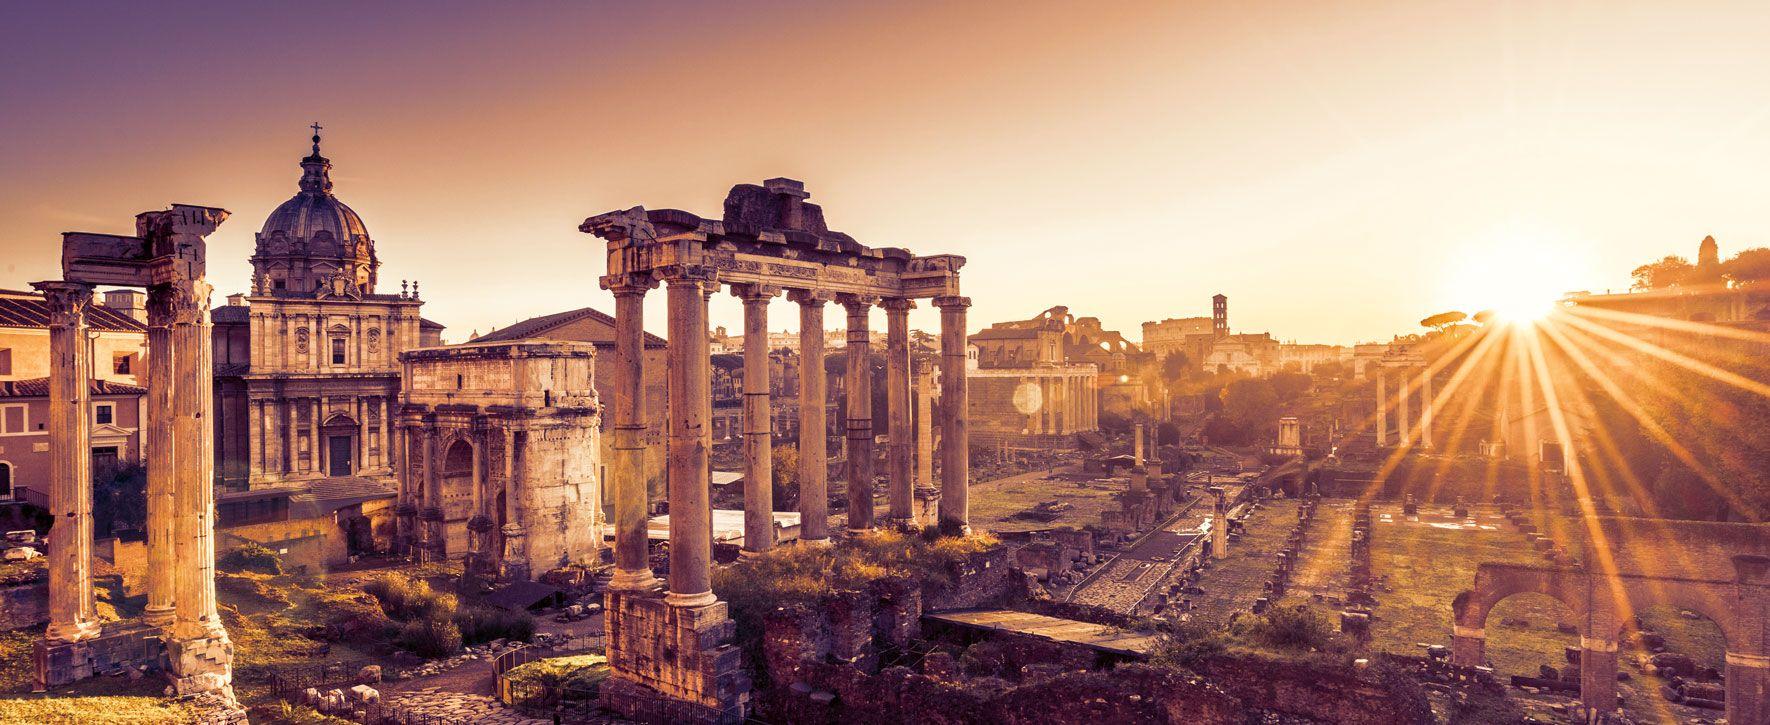 Eintrittspreise In Rom Sind Ziemlich Teuer Die Wartezeiten Lang Wenn Du Sehenswurdigkeiten Besuchen Mochtest Alles Zum Roma Pass Rom Reisen Vatikanstadt